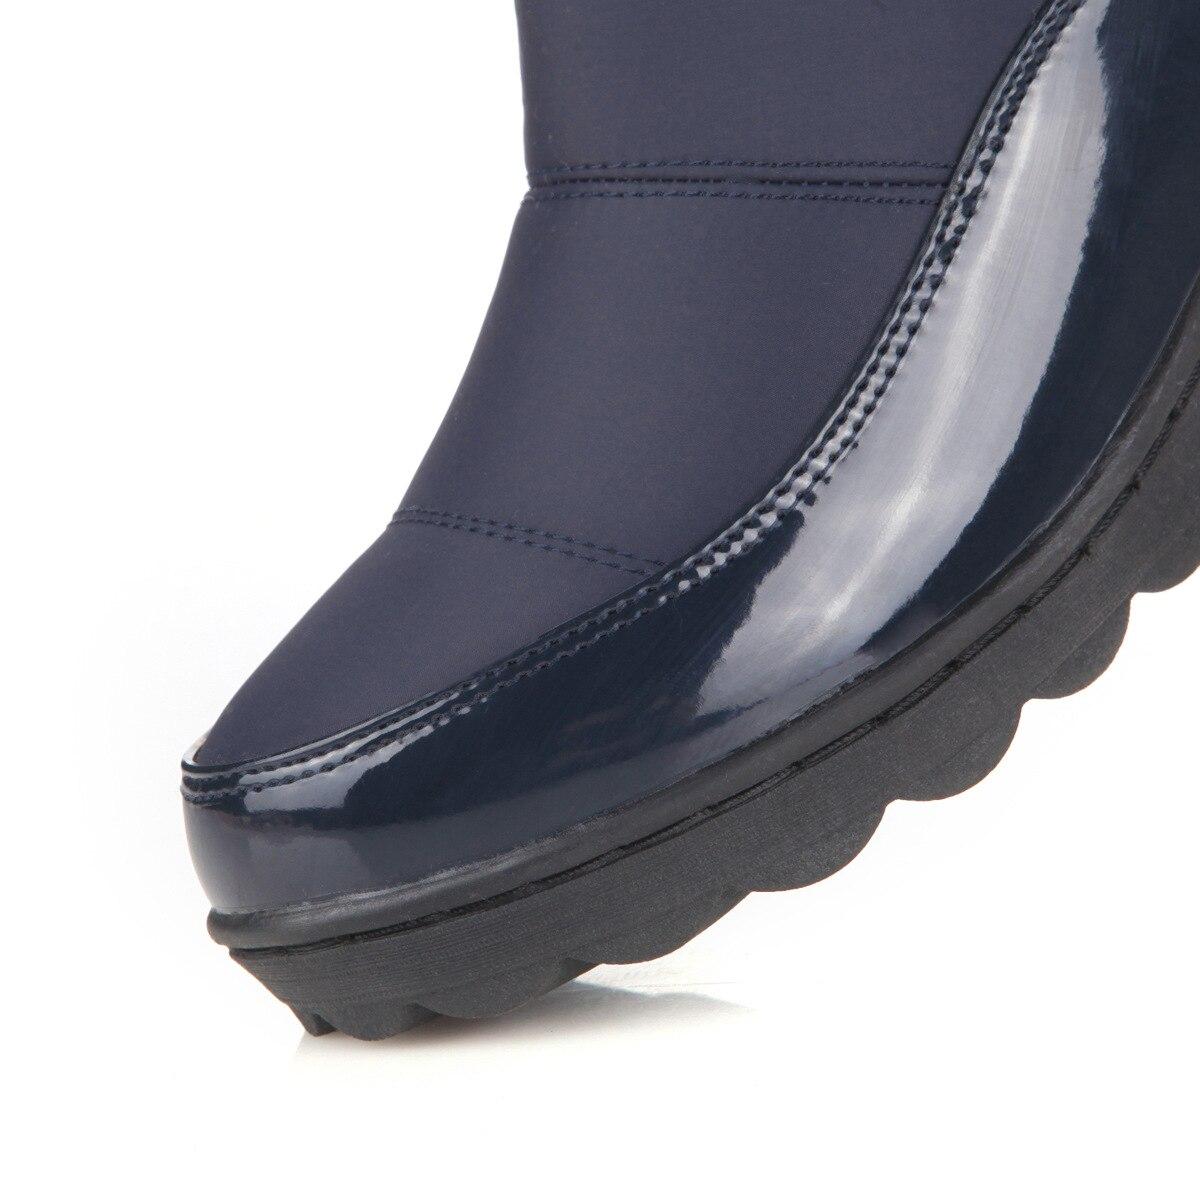 azul Negro Agutzm Botas Moda Impermeables Invierno Muslo Caliente Redonda Piel Rusia Punta Nieve Mujer Rodilla qURW4p6qf